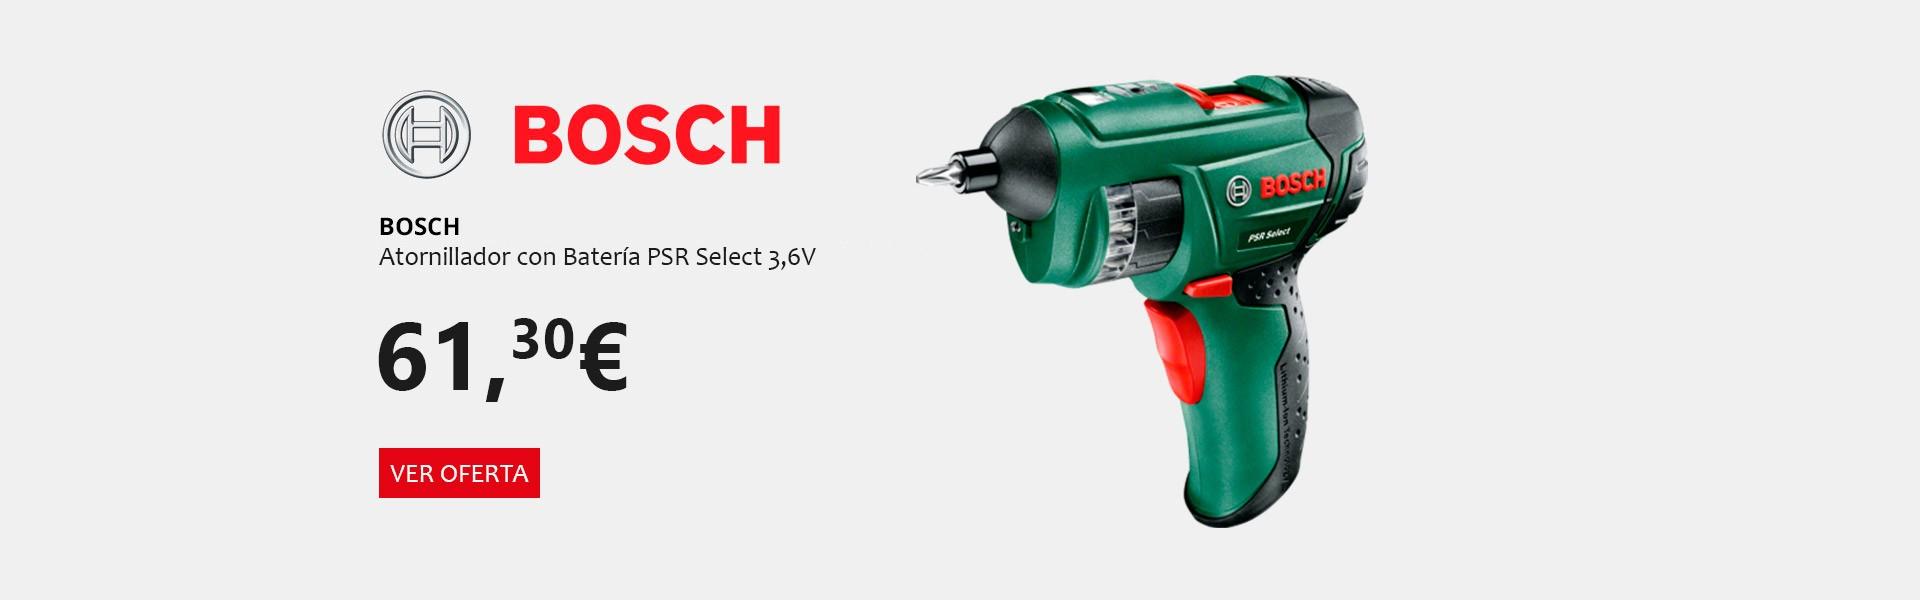 Bosch Oferta especial Atornillador PSR Select